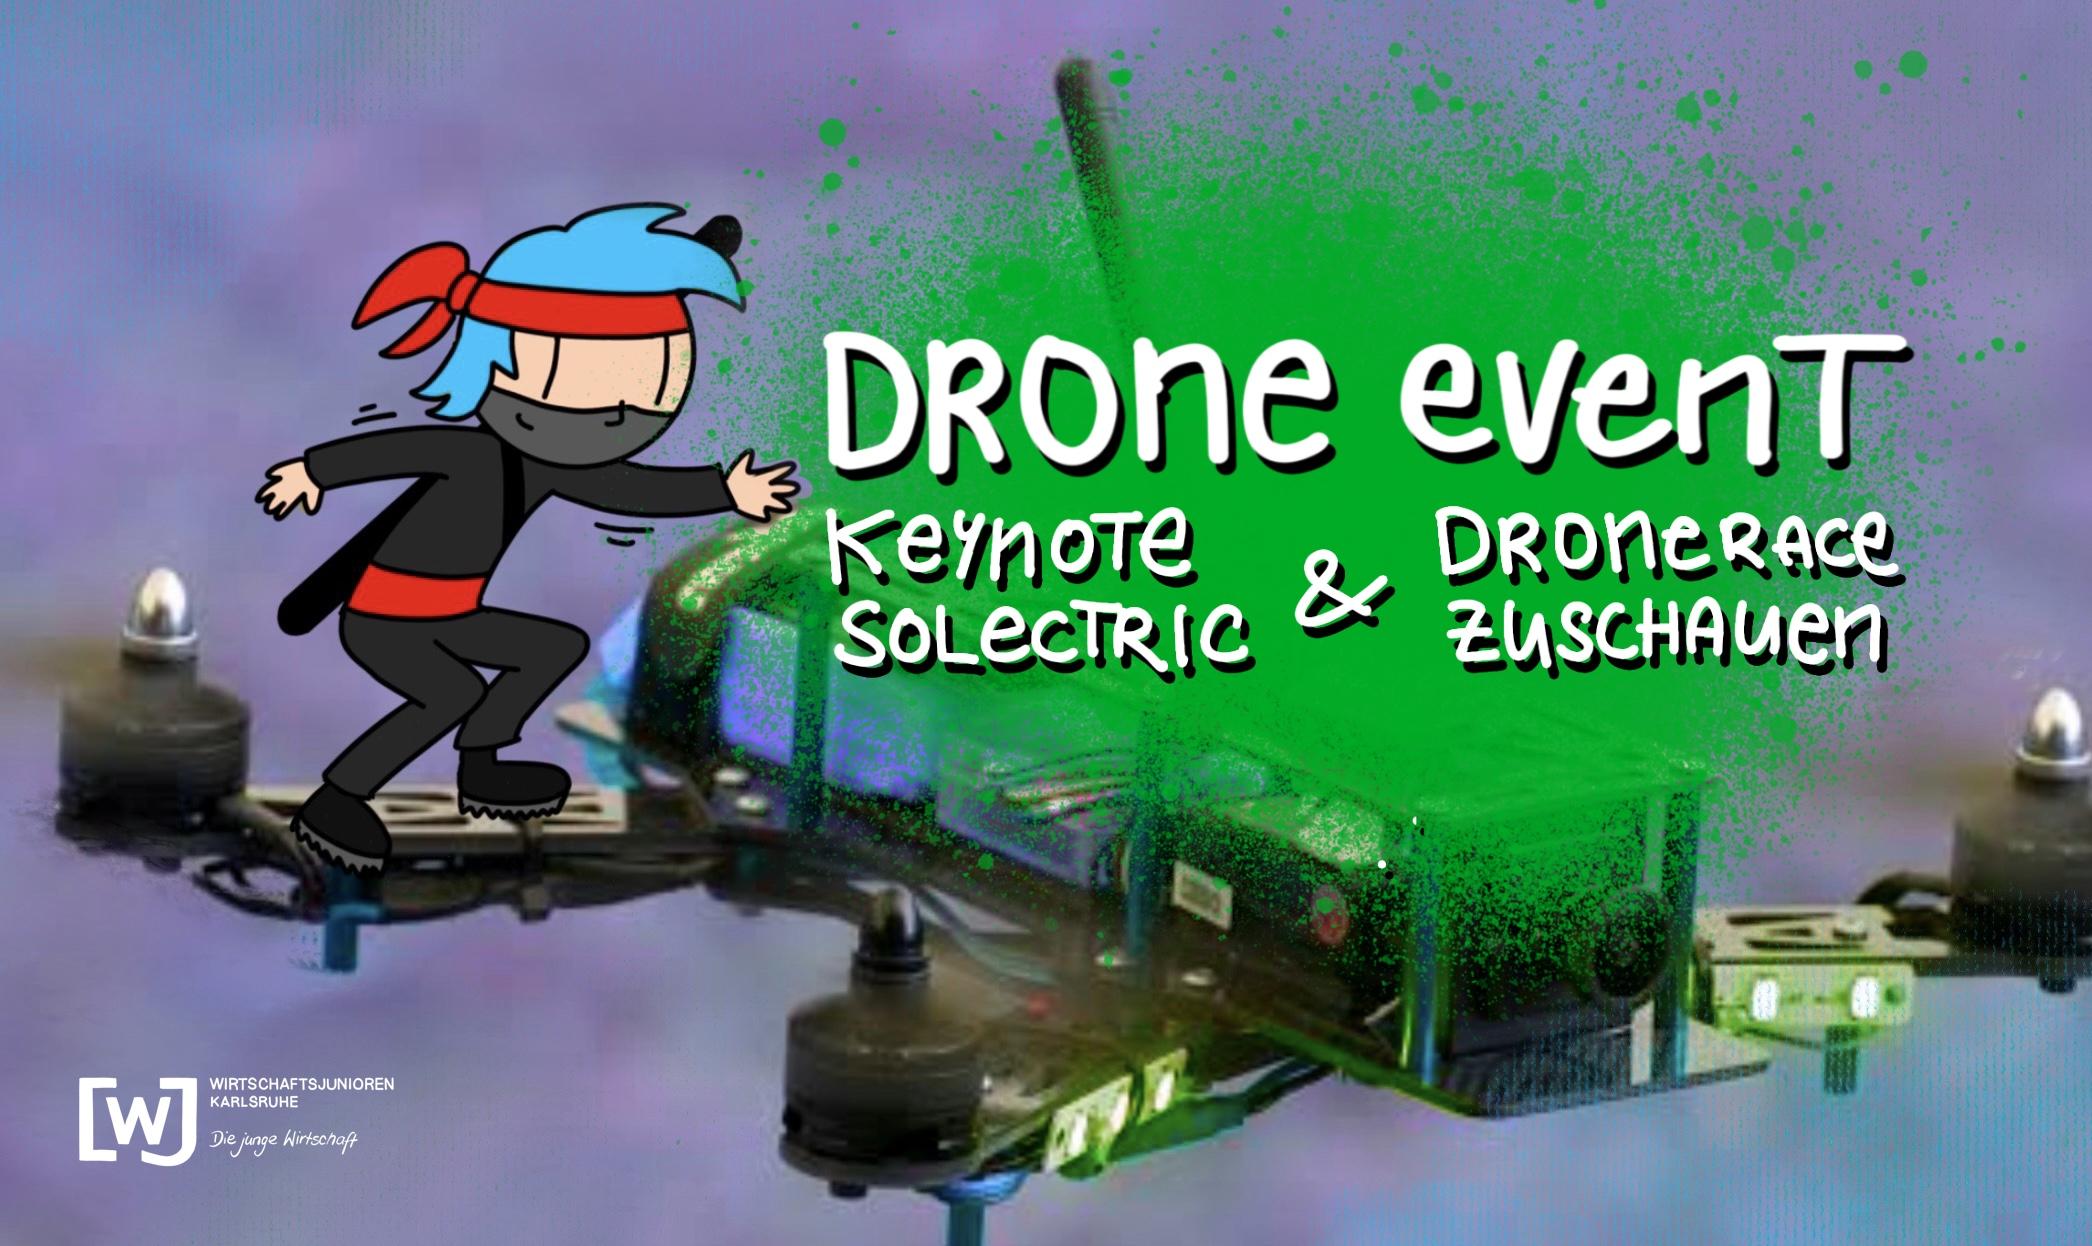 Technologie Drohne - Innovationen, Use Cases und Fliegen im first person view (Zuschauer)